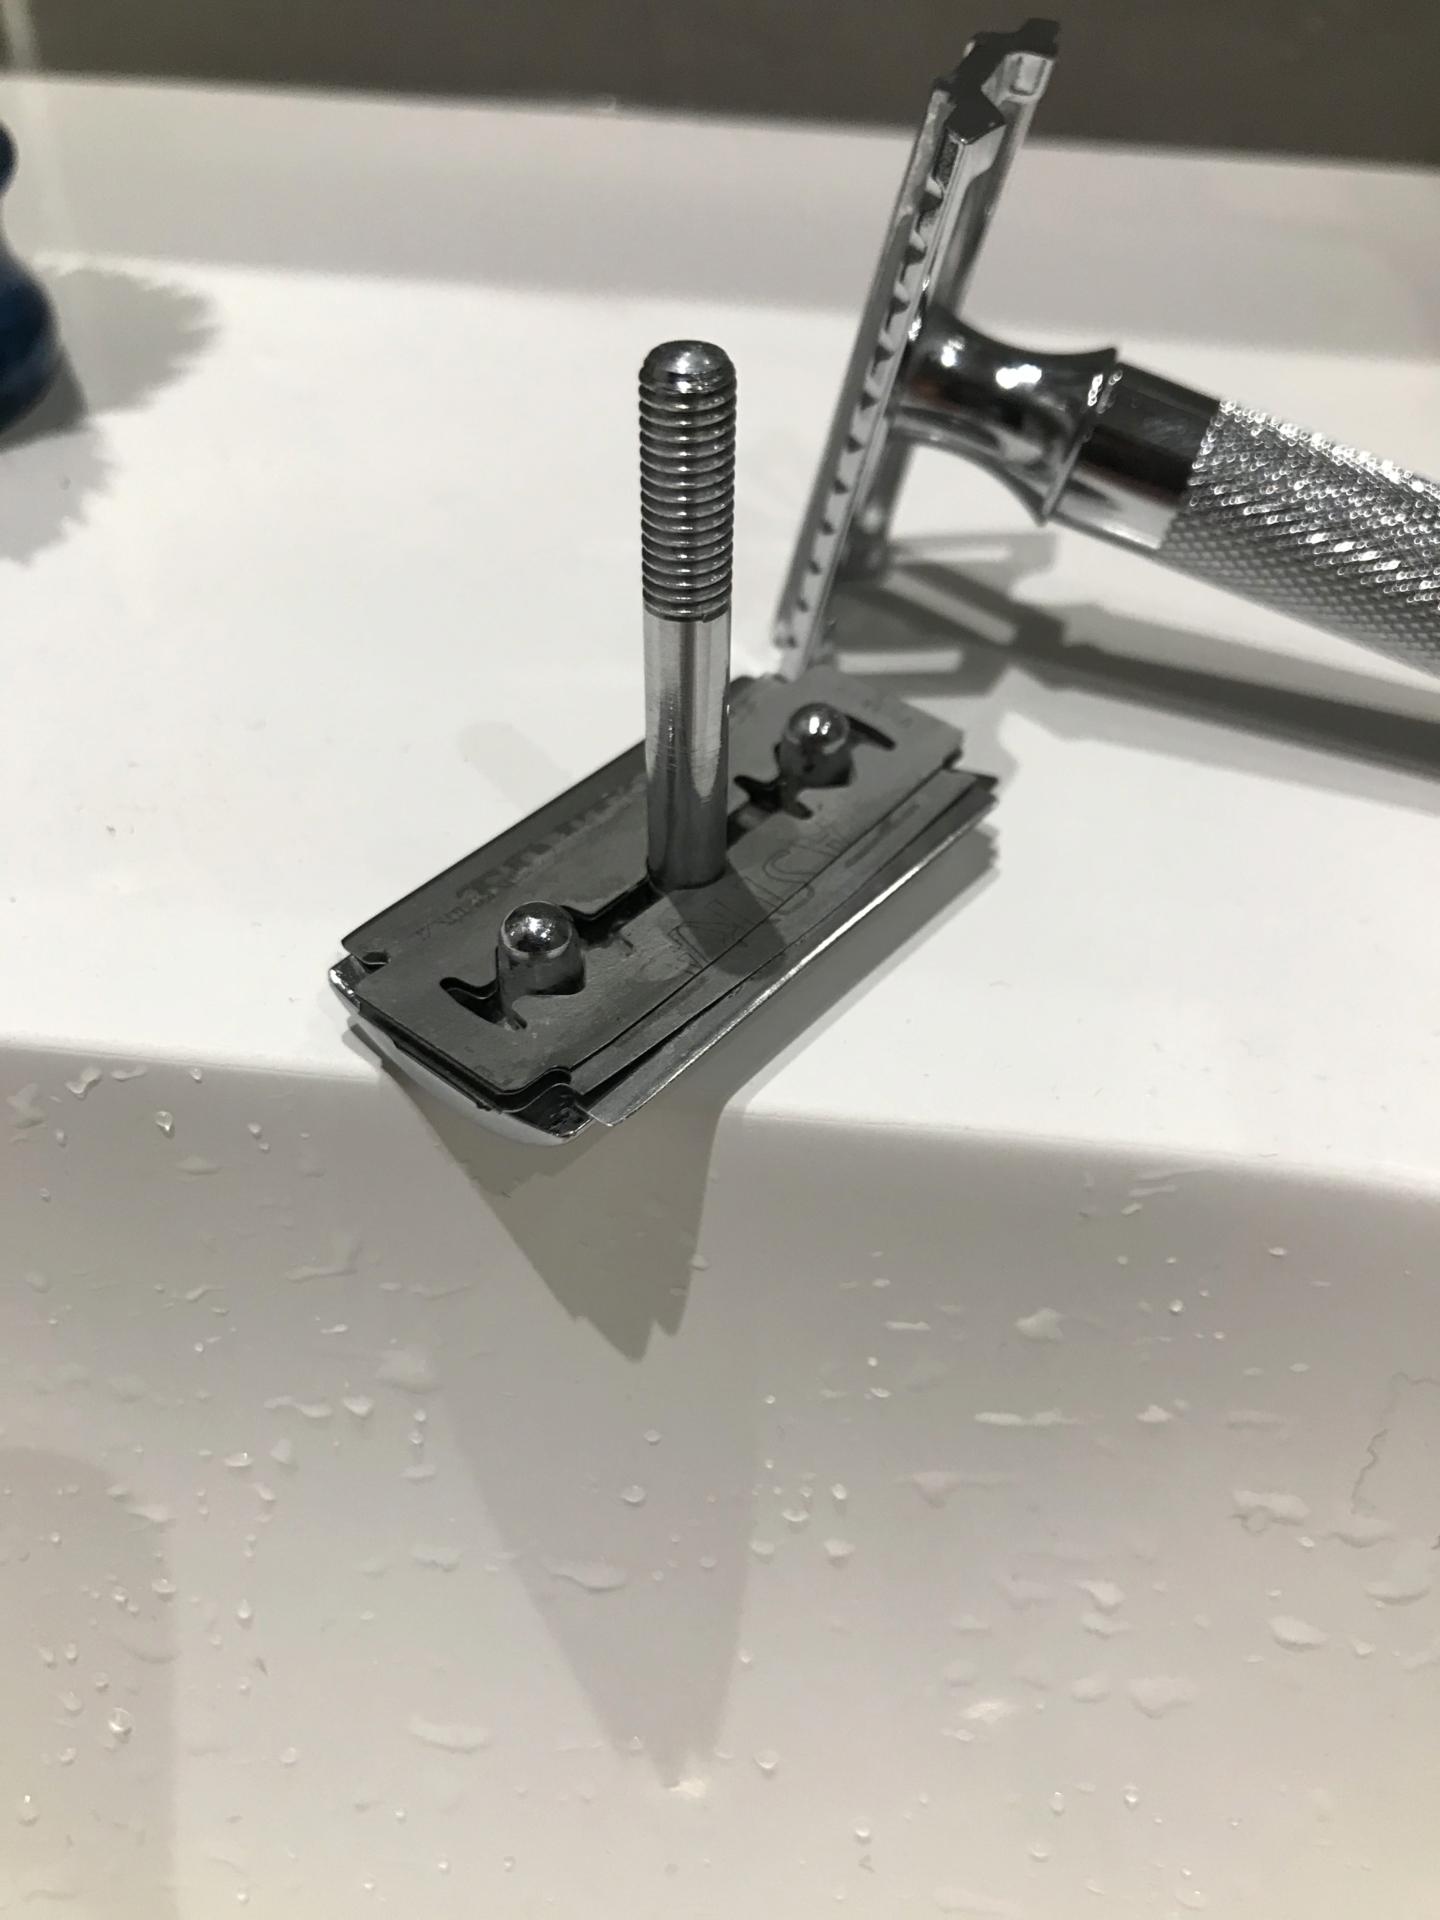 SHIM ou la solution pour modifier l'efficacité d'un rasoir 48ab0910